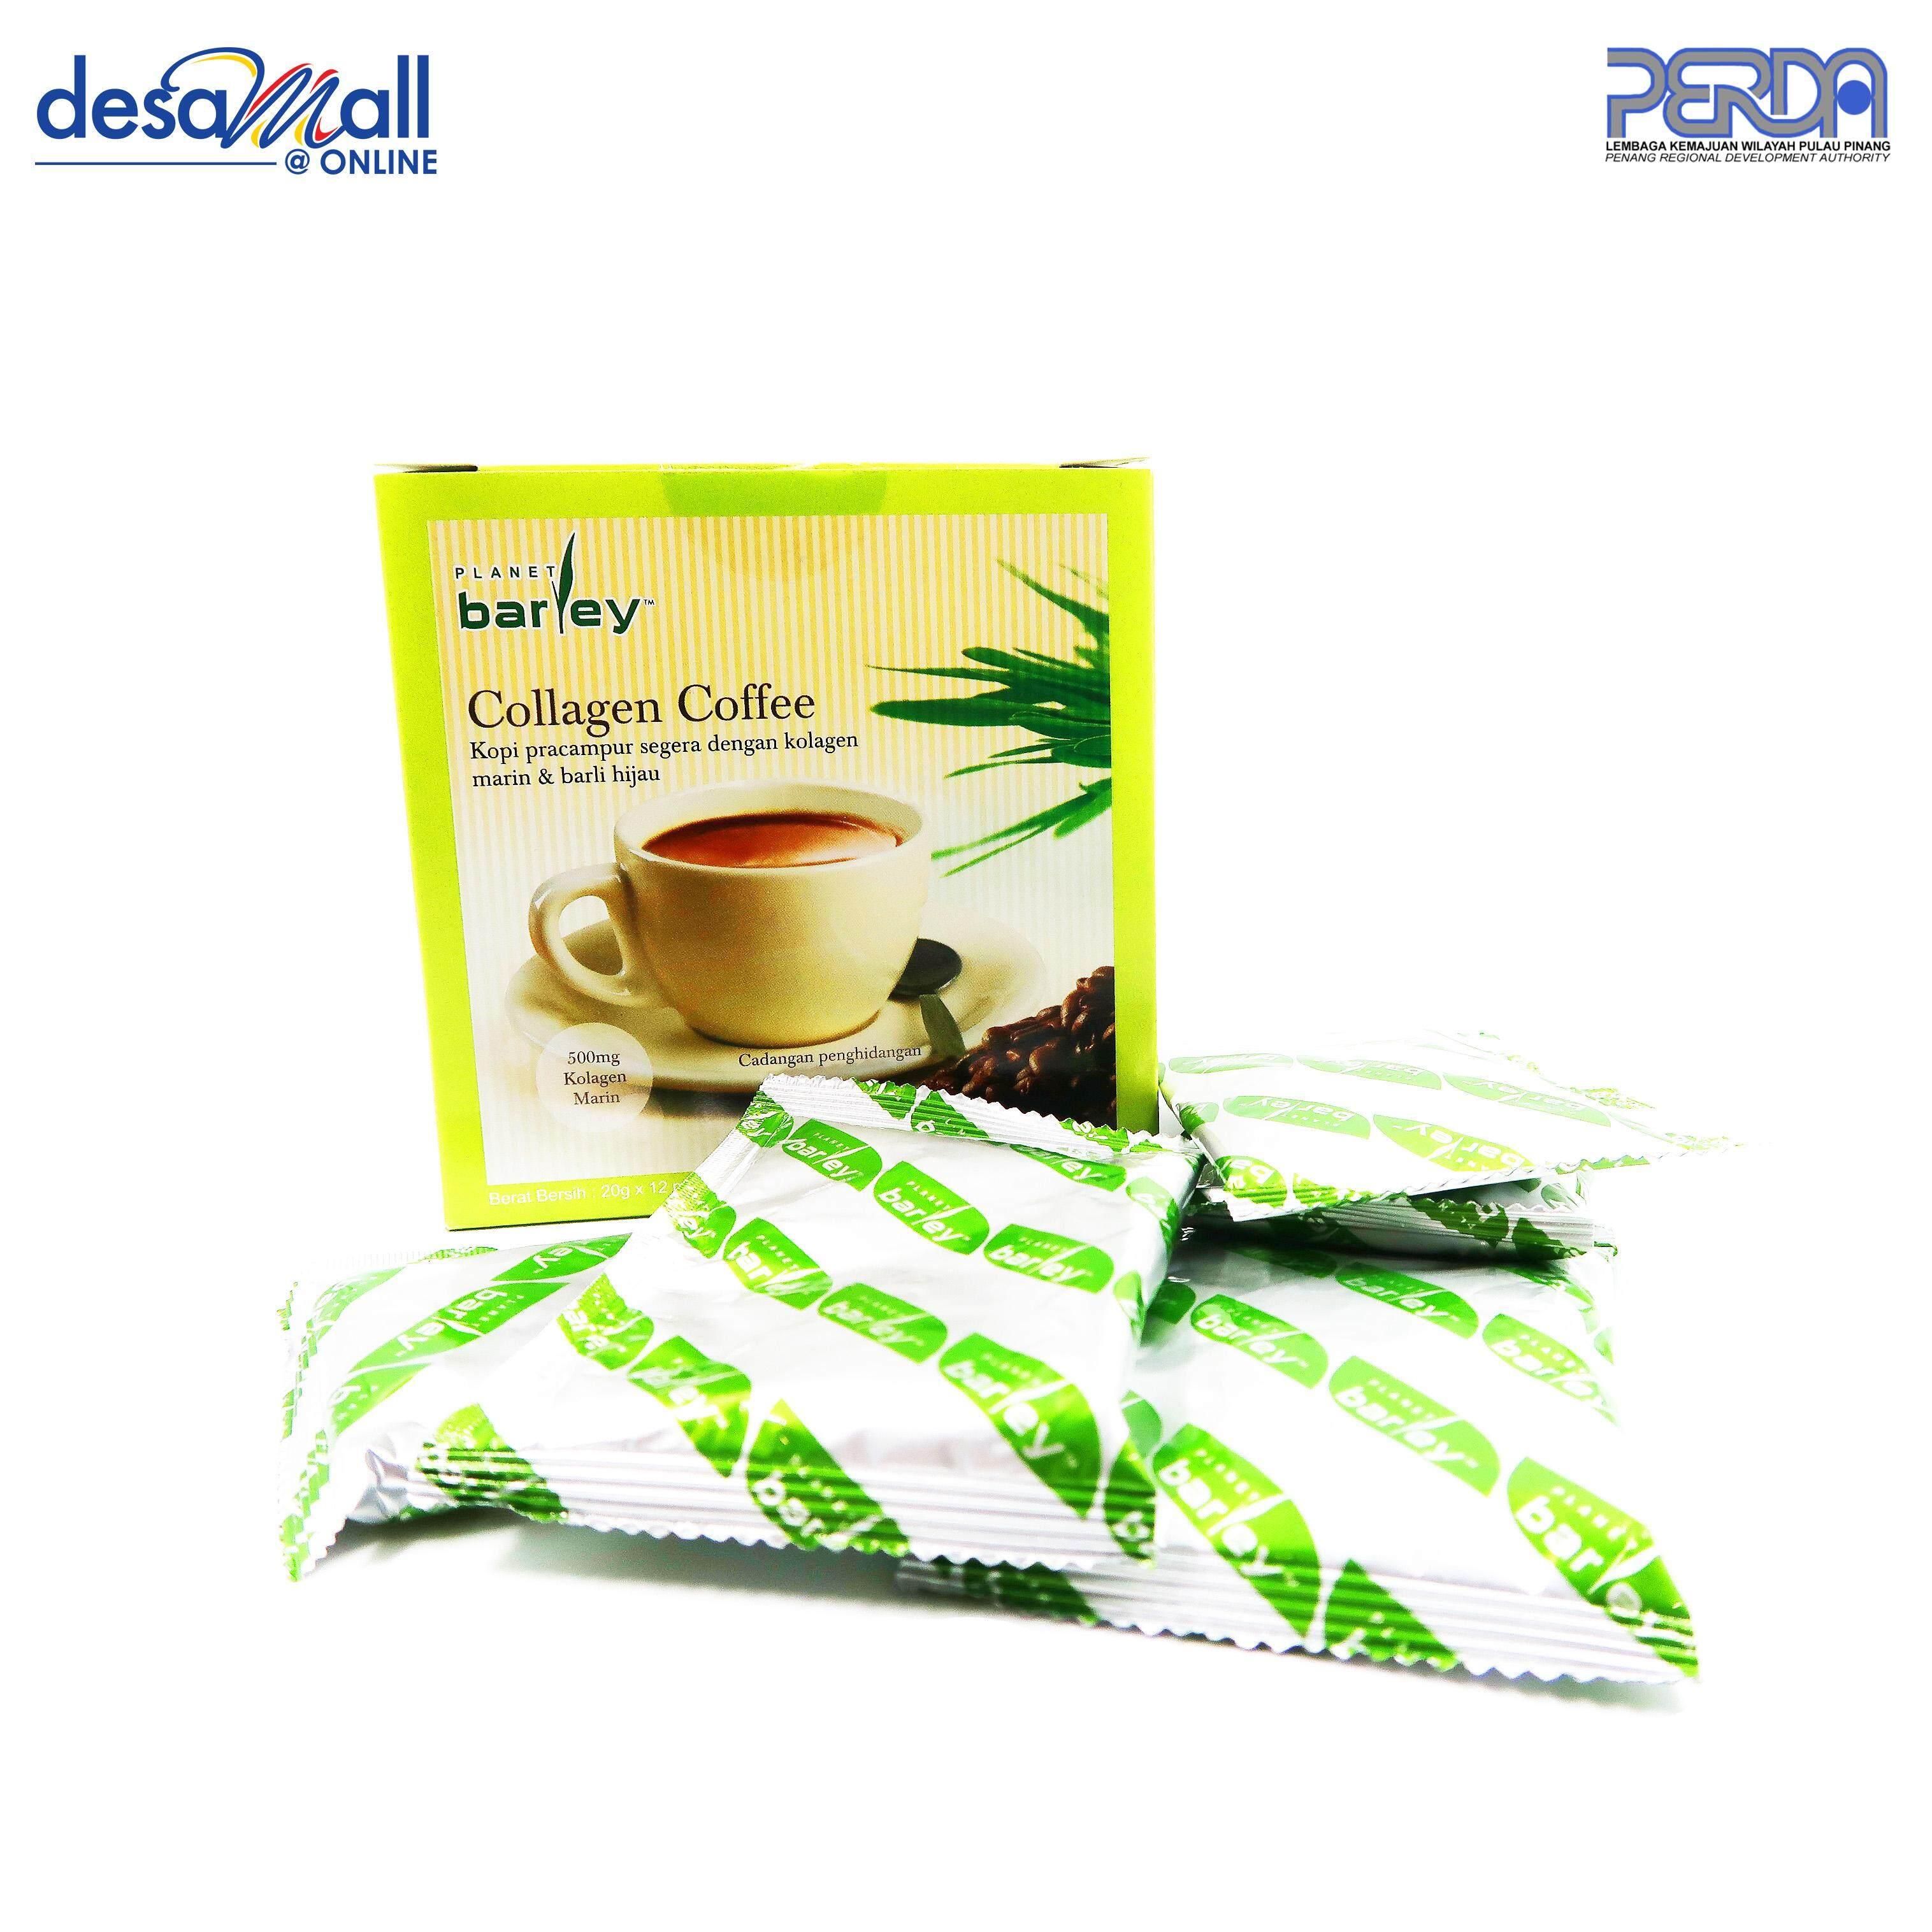 Collagen Cofee Kopi Pracampur Segera Dengan Kolagen Marin dan Barli Hijau (20gm x 12 paket)